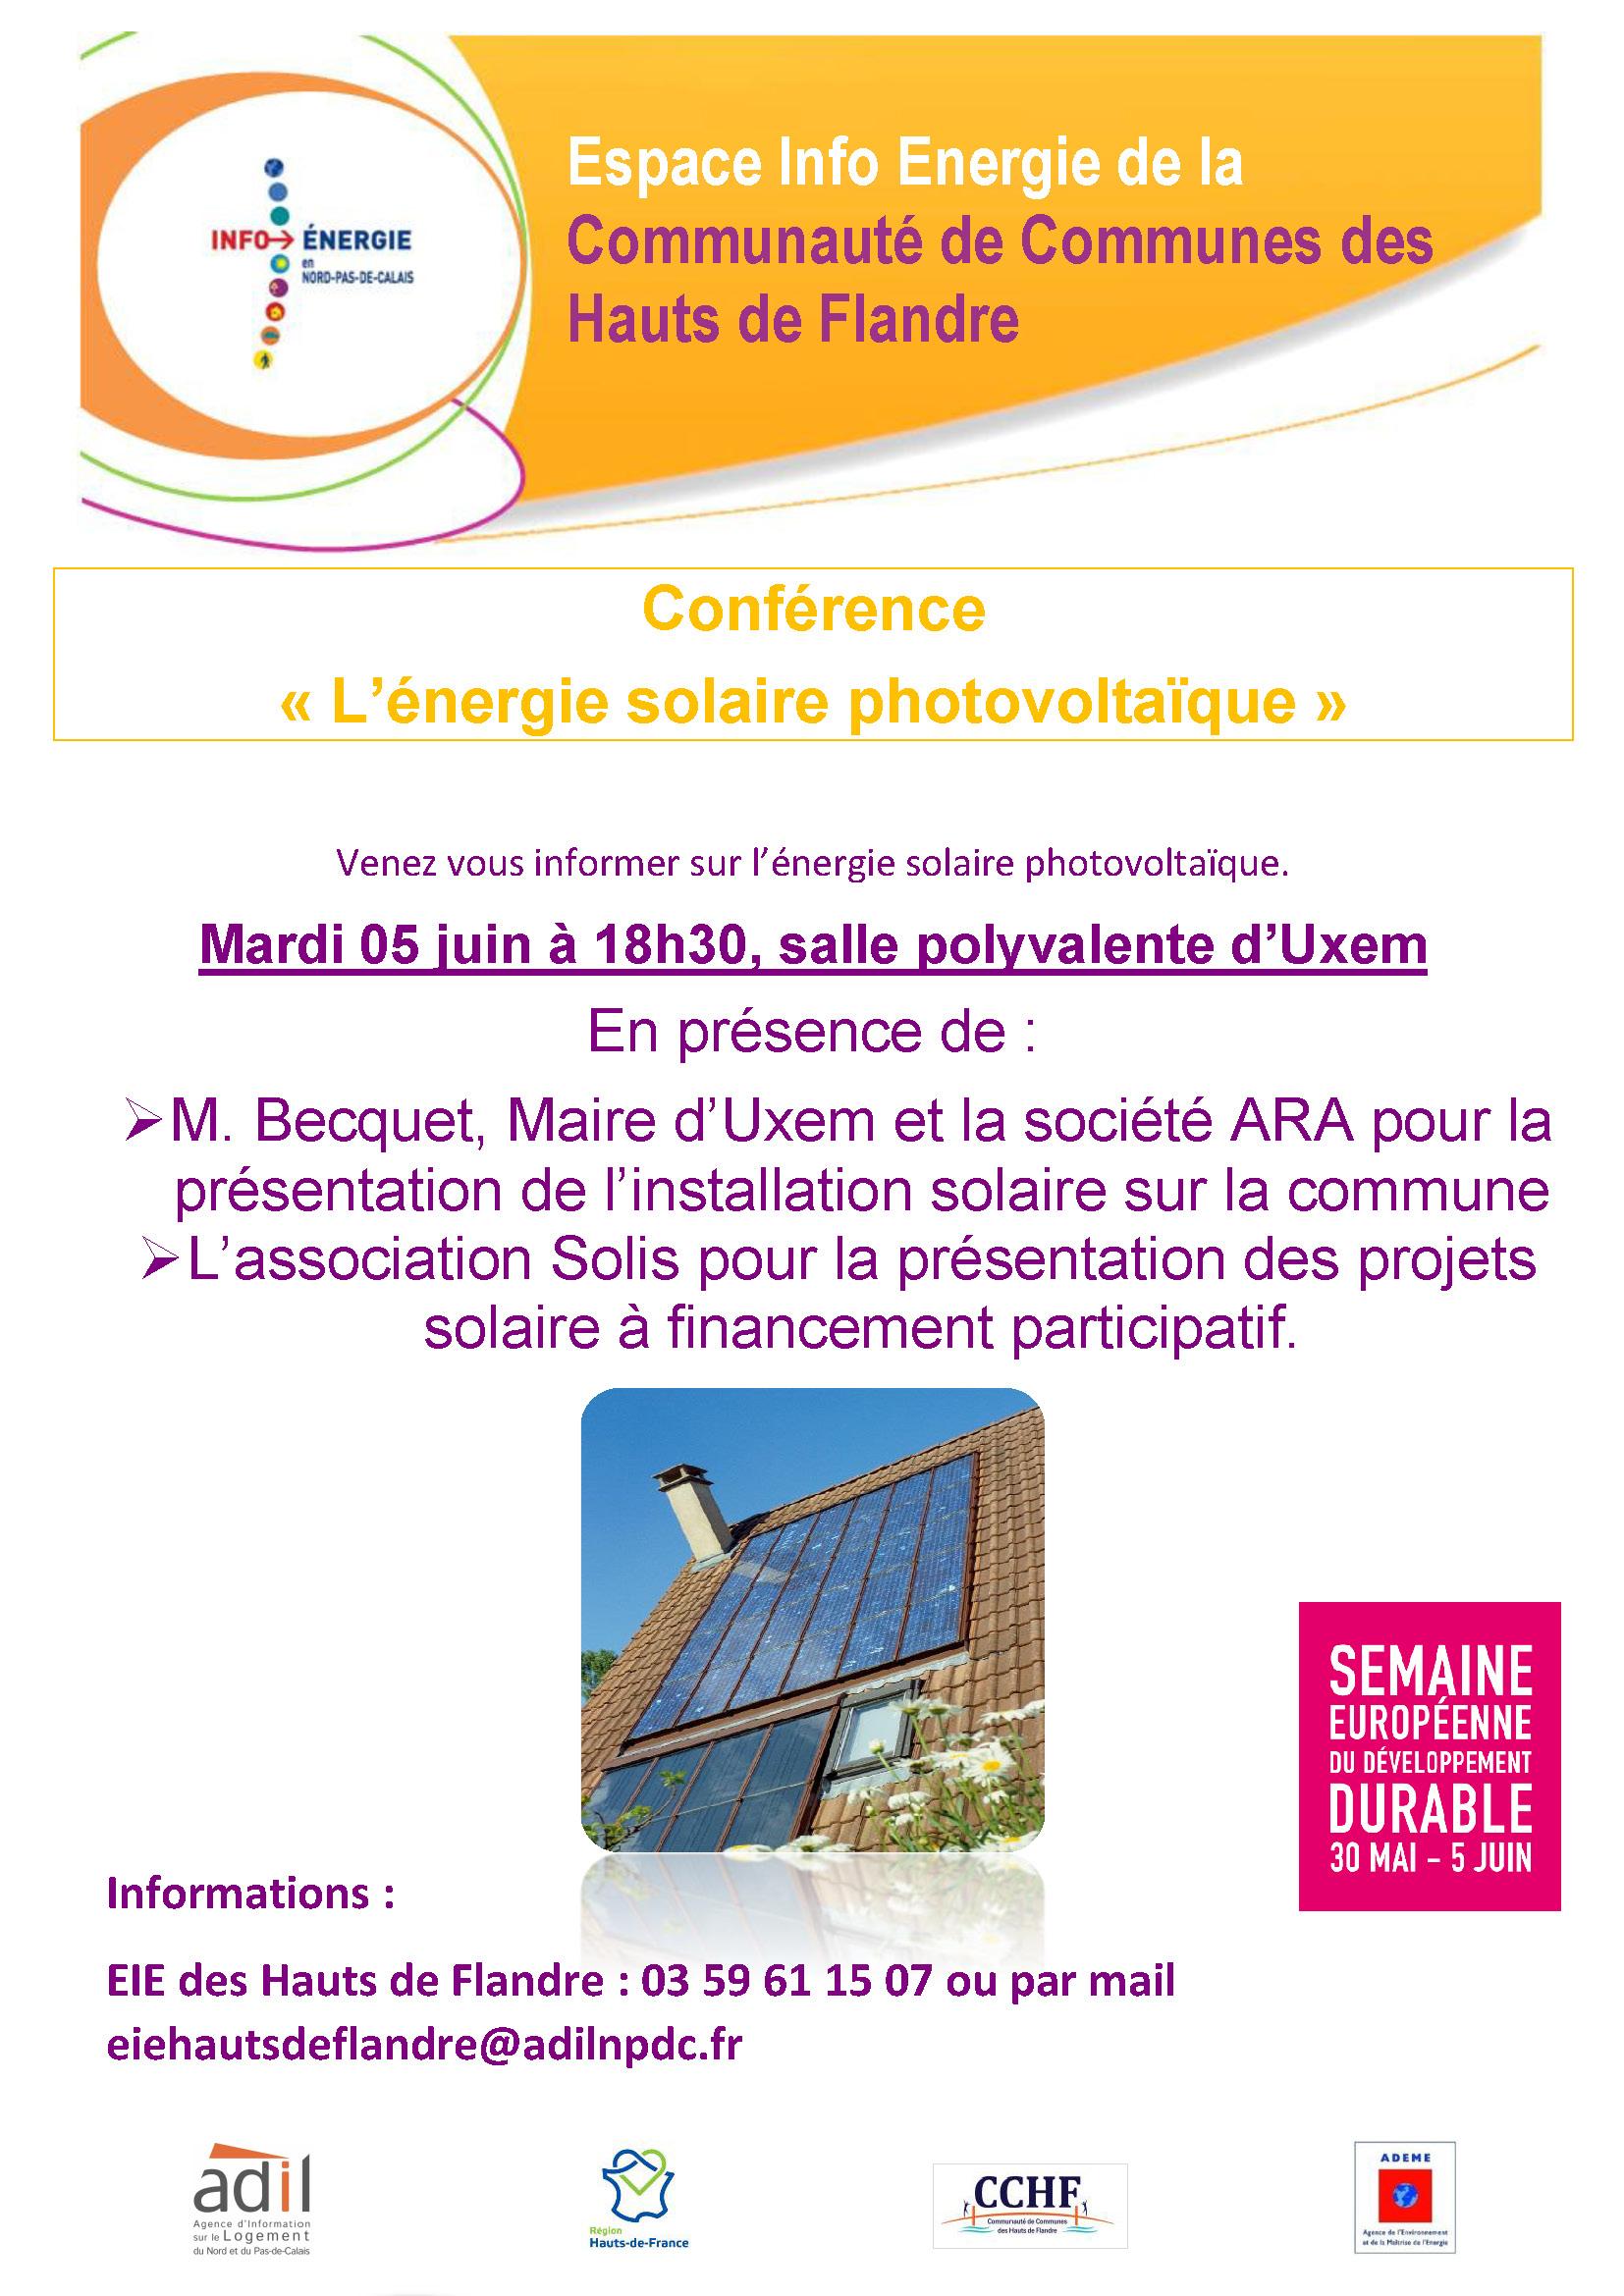 Affiche A4 - Conférence solaire - Uxem.jpg